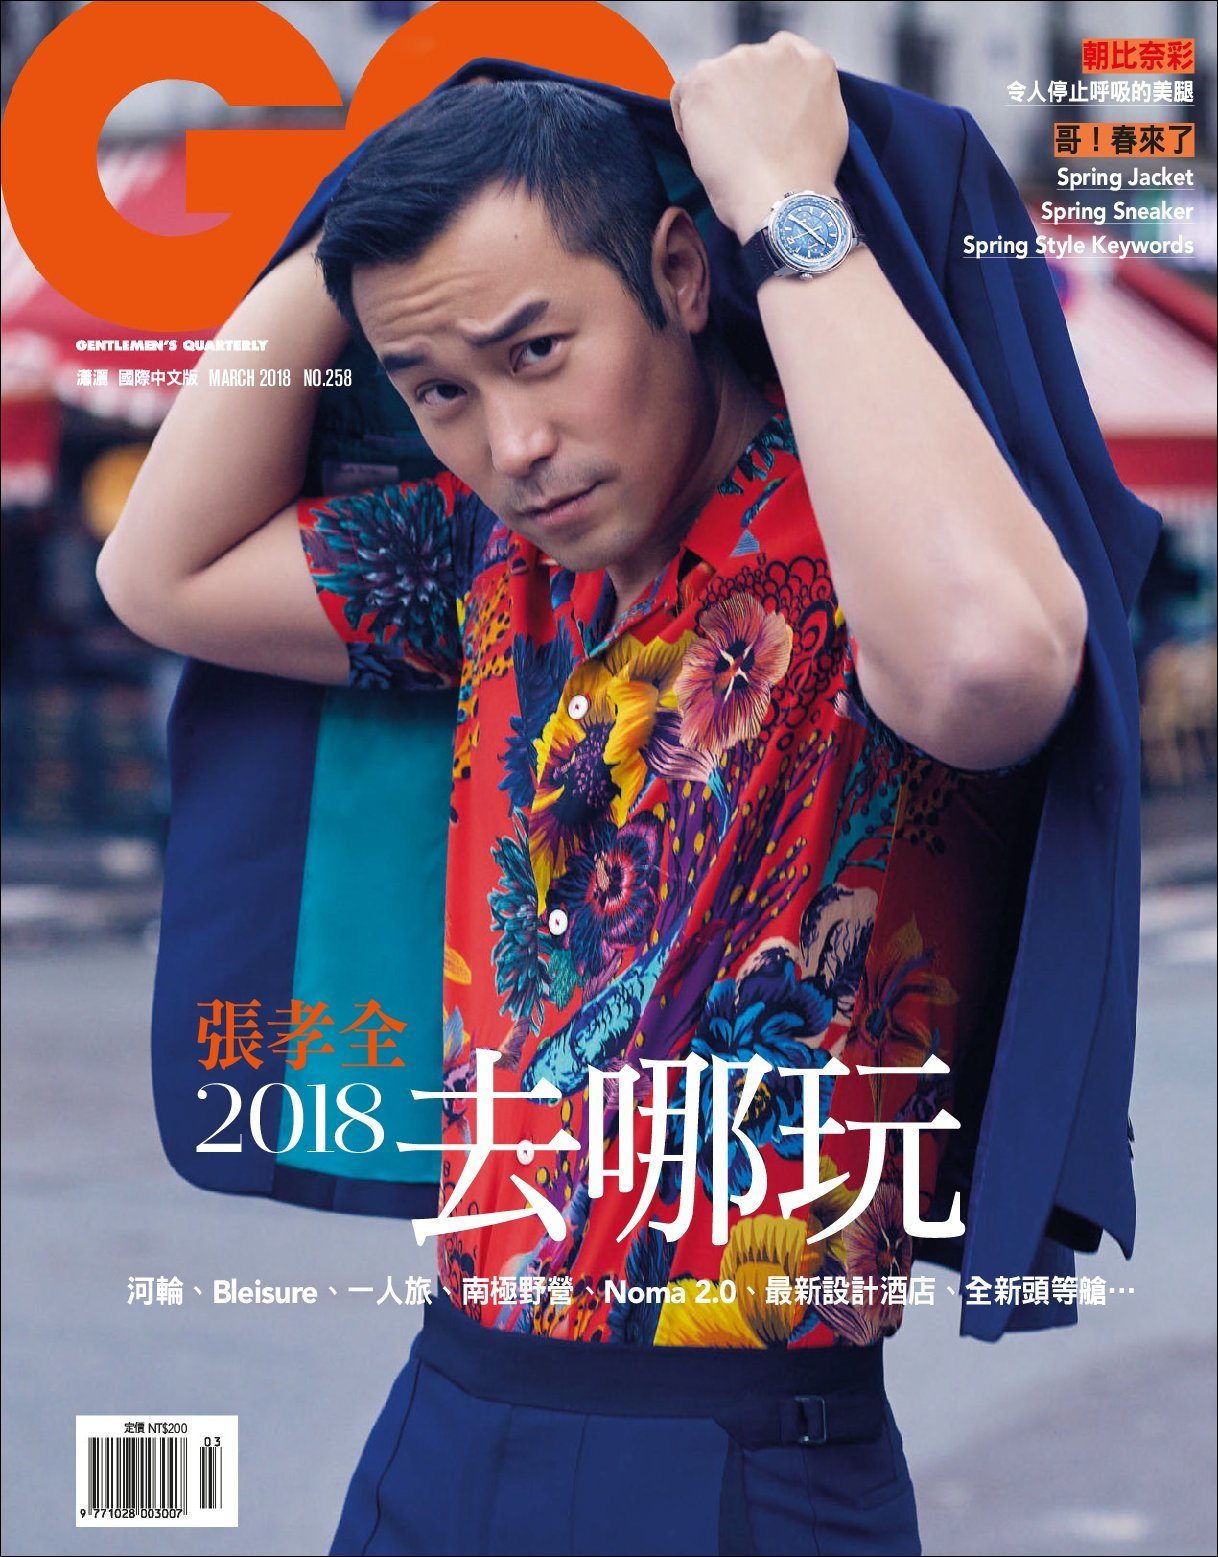 Gq 瀟灑國際中文版 Digital